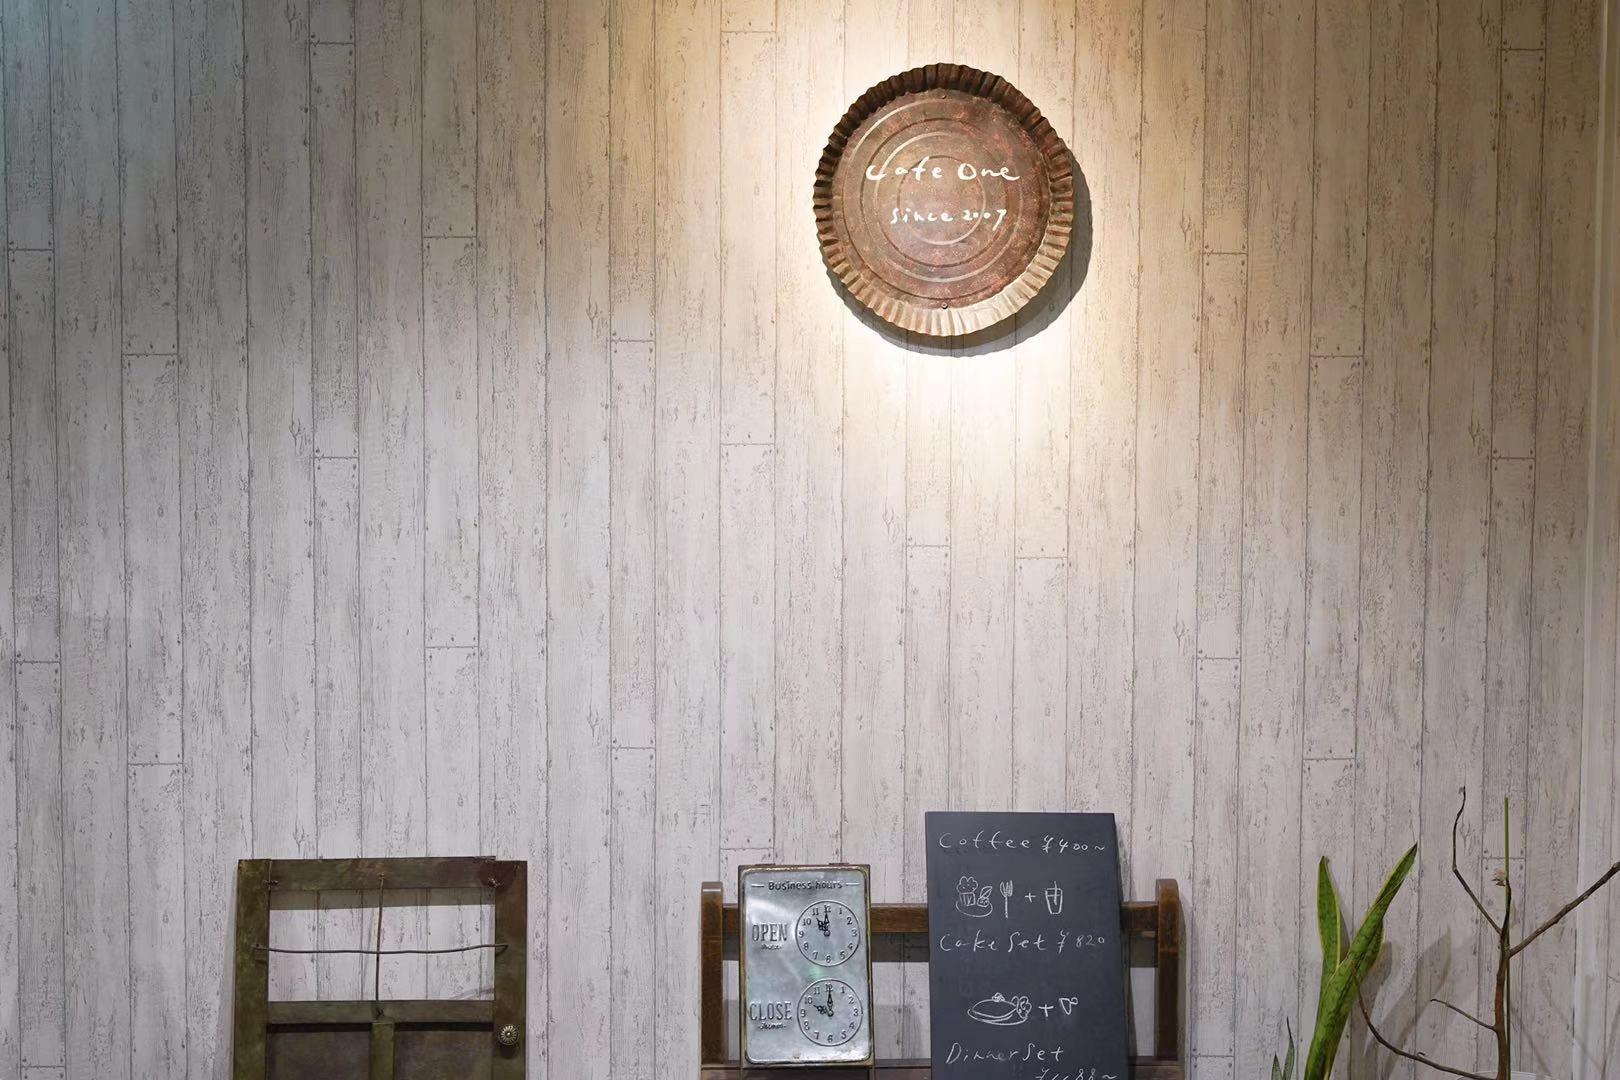 秘密にしたいけれど、思わず教えたくなる。丸の内の隠れ家カフェ「cafe one」で、自分だけのゆったりとした休日を。 - cafeone7